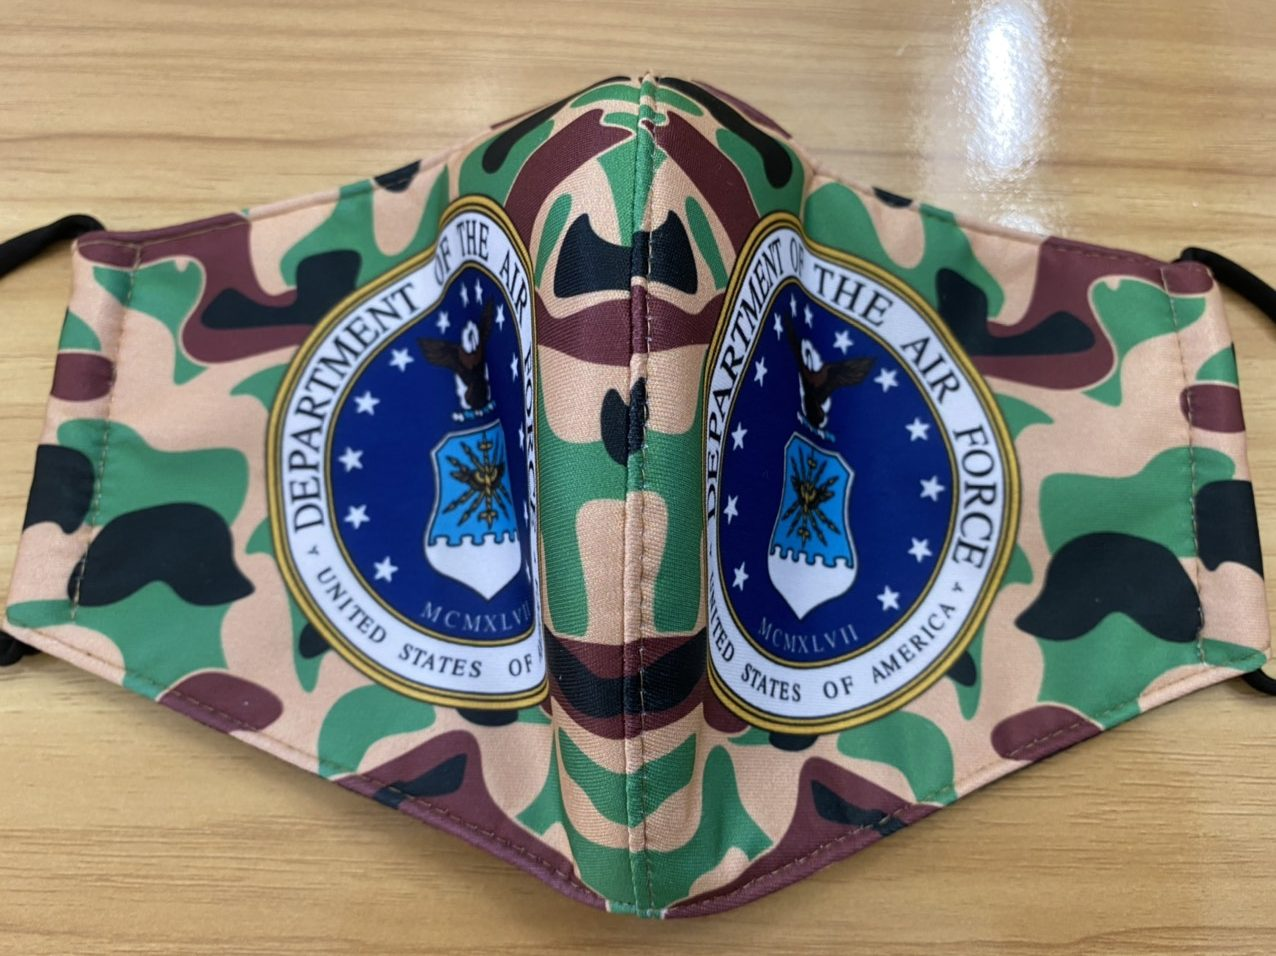 Khẩu Trang Vải In Logo Không Quân Mỹ 2 Lớp - Mẫu Khẩu Trang In 3D Logo  Của Lực Lượng Không Quân Mỹ  Nền Camo 7